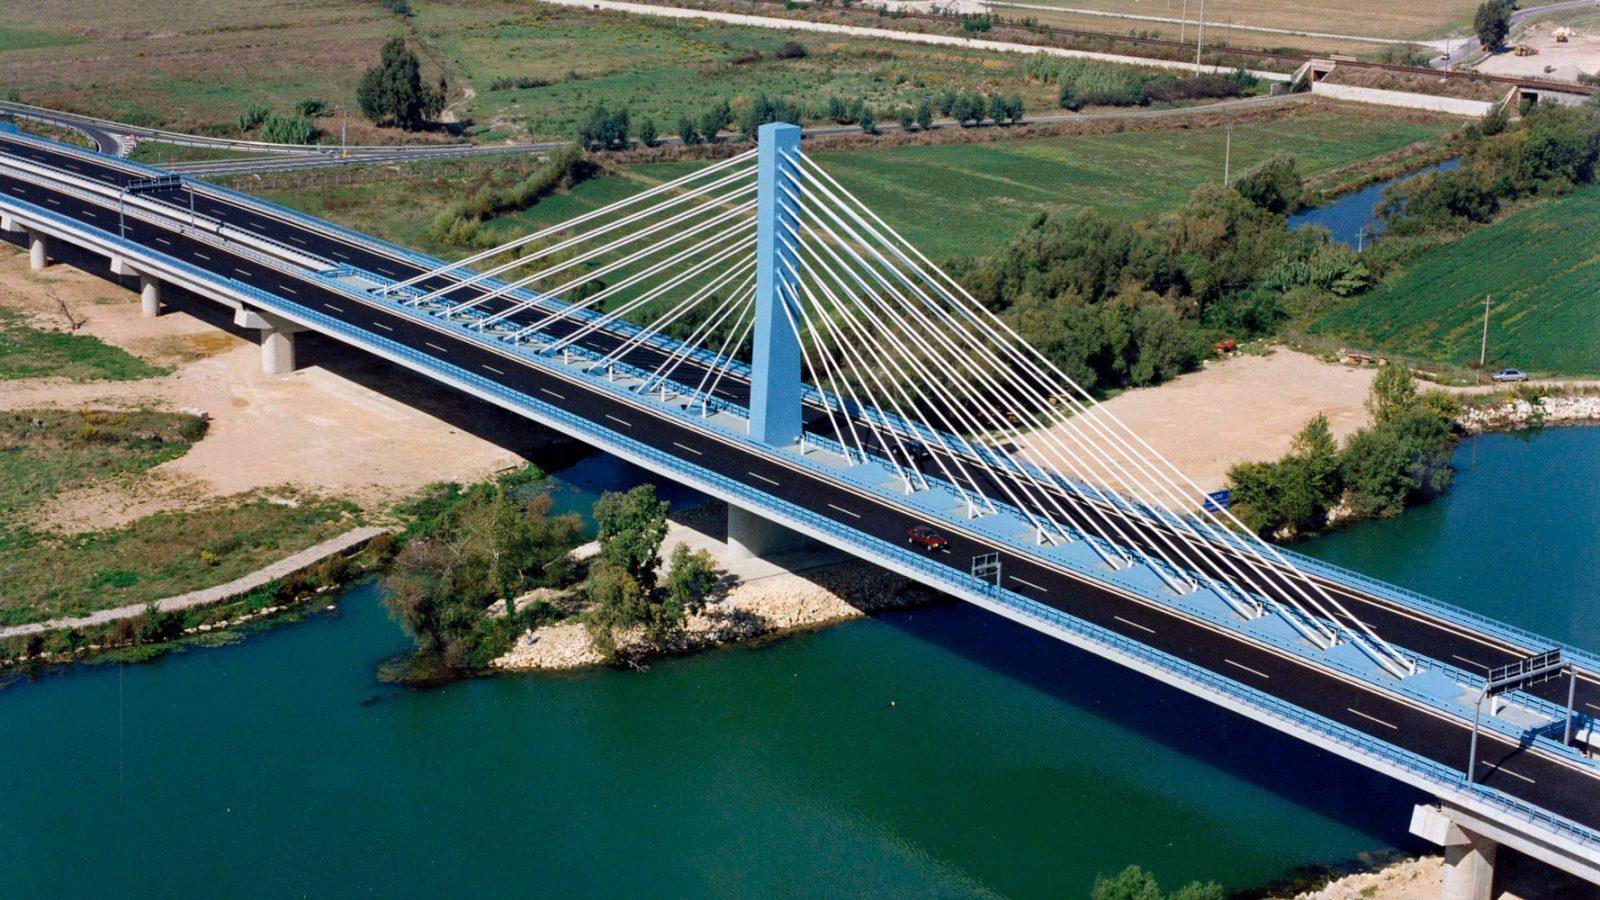 """Strada statale 7 Var.""""Variante Formia-Garigliano, ponte strallato sul fiume Garigliano, confine Lazio-Campania (Archivio storico Anas)"""